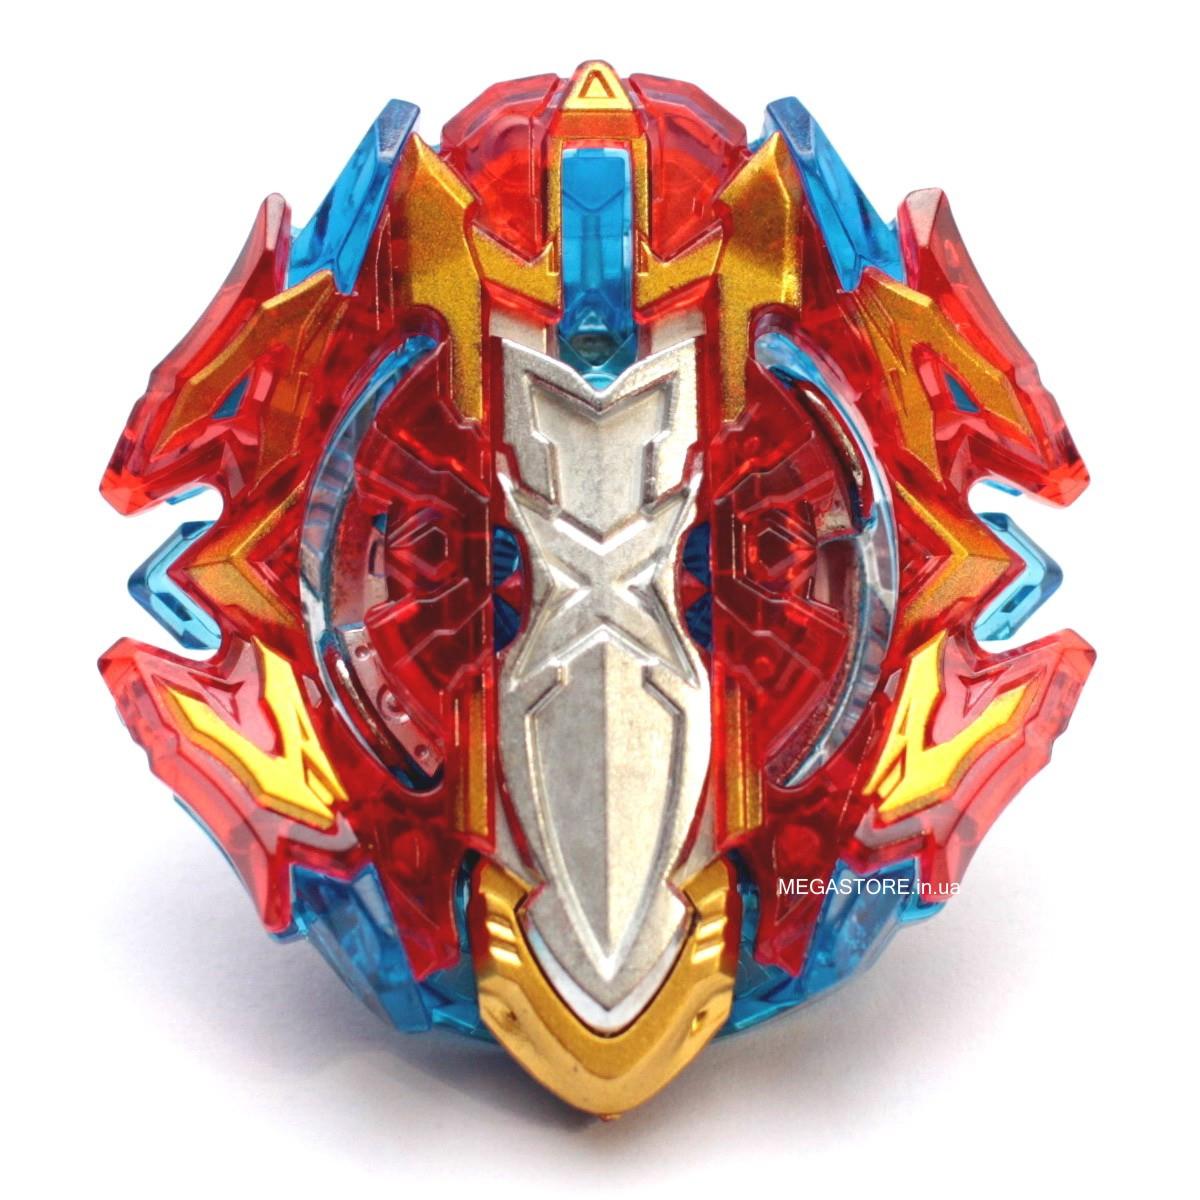 Волчок Бейблэйд Бустер Экскалибур Экскалиус Необычный X4 (Бейблейд 4 сезон), Beyblade Buster Xcalibur ( И™)